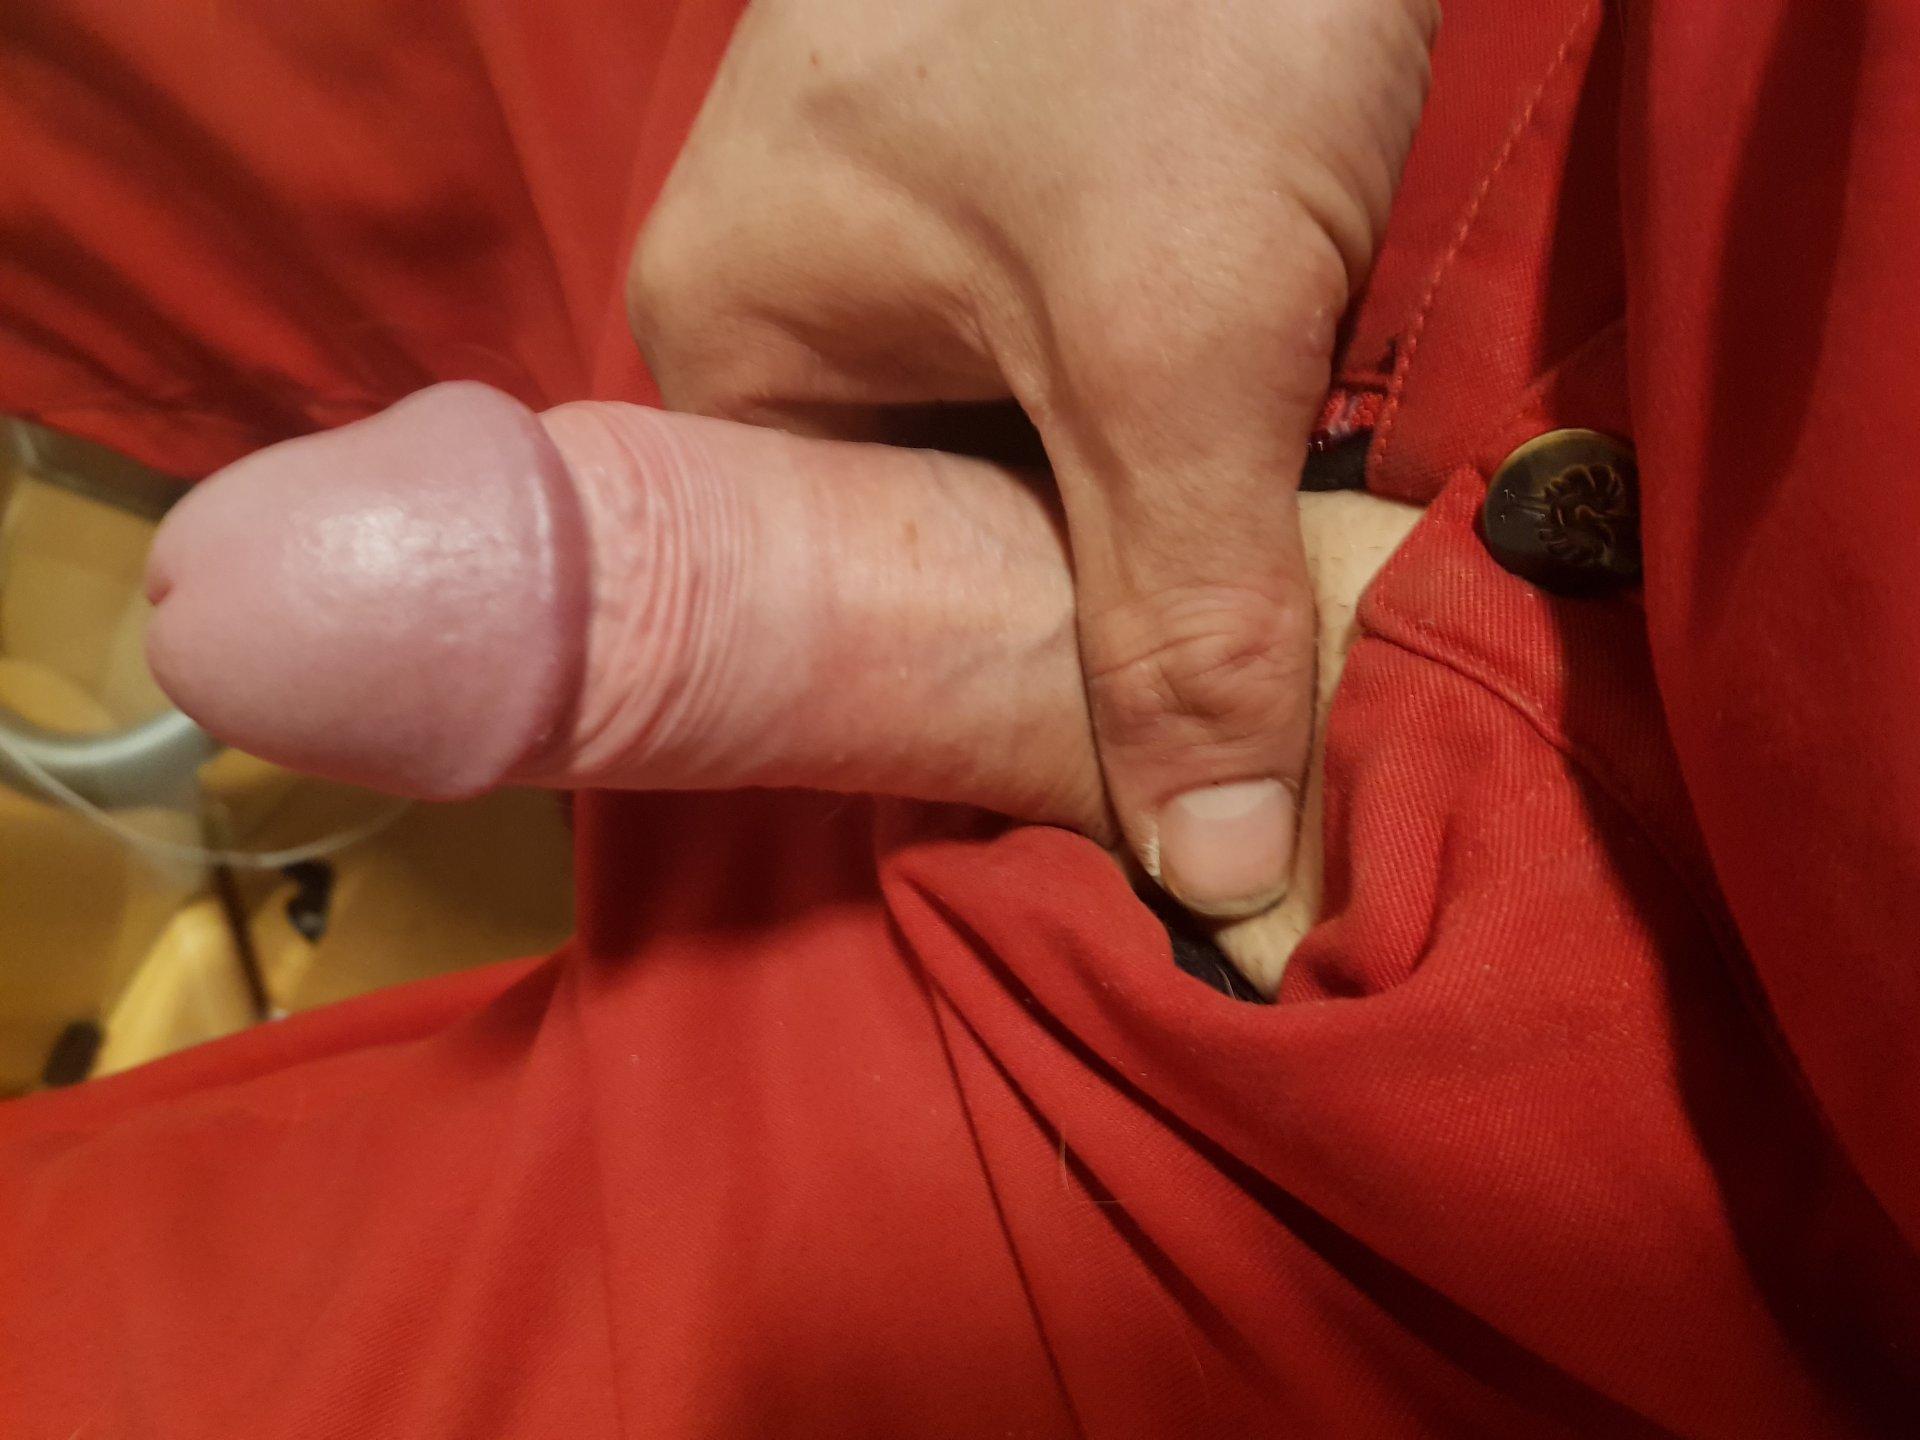 Sexatze  aus Sachsen-Anhalt,Deutschland